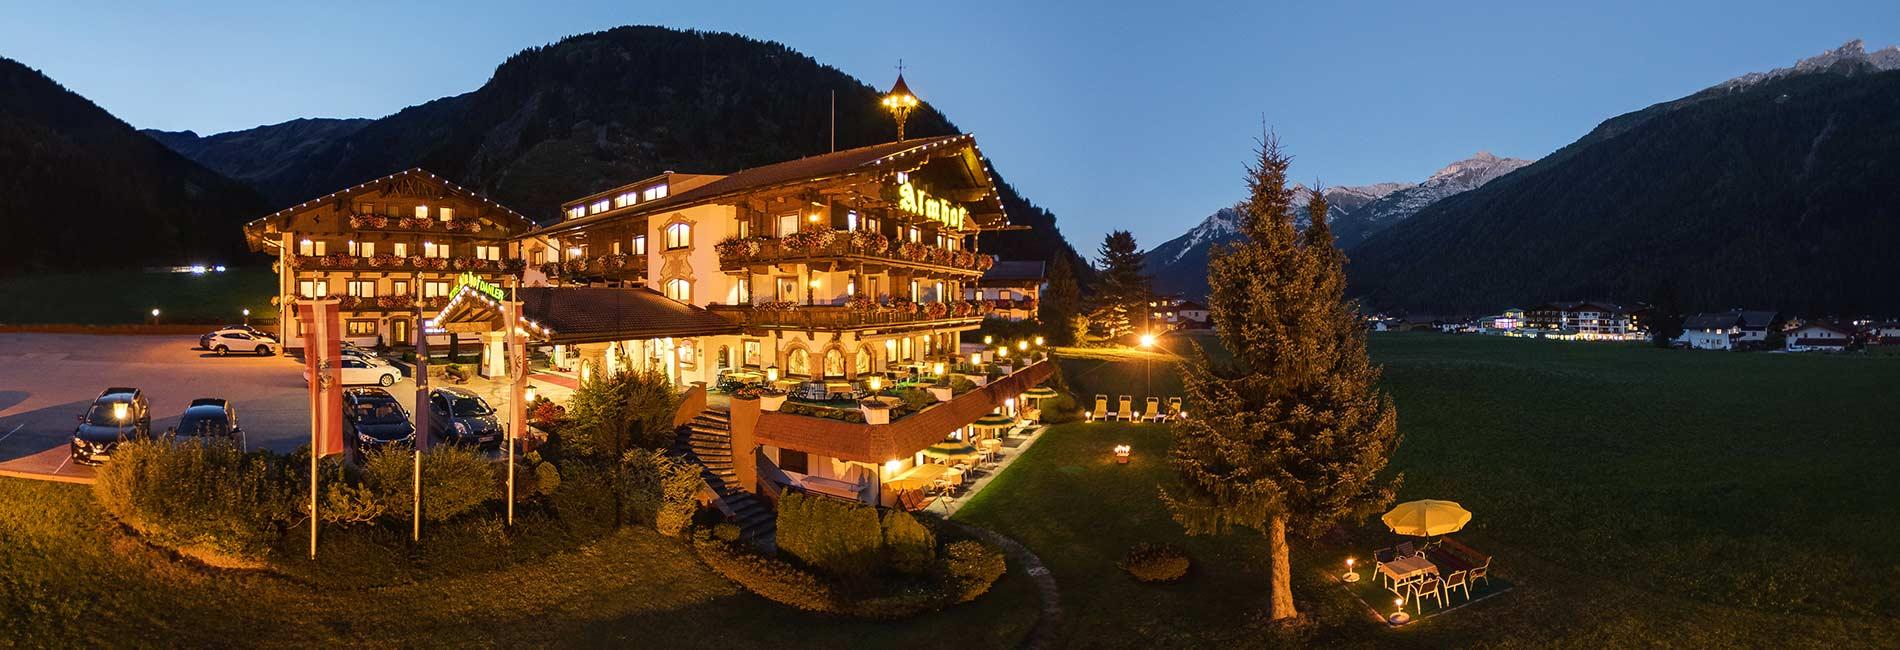 Hotel Almhof Pension Almrausch Bio-Bauernhof Chalet Claudia Urlaub in Neustift Milders Tirol Stubaital